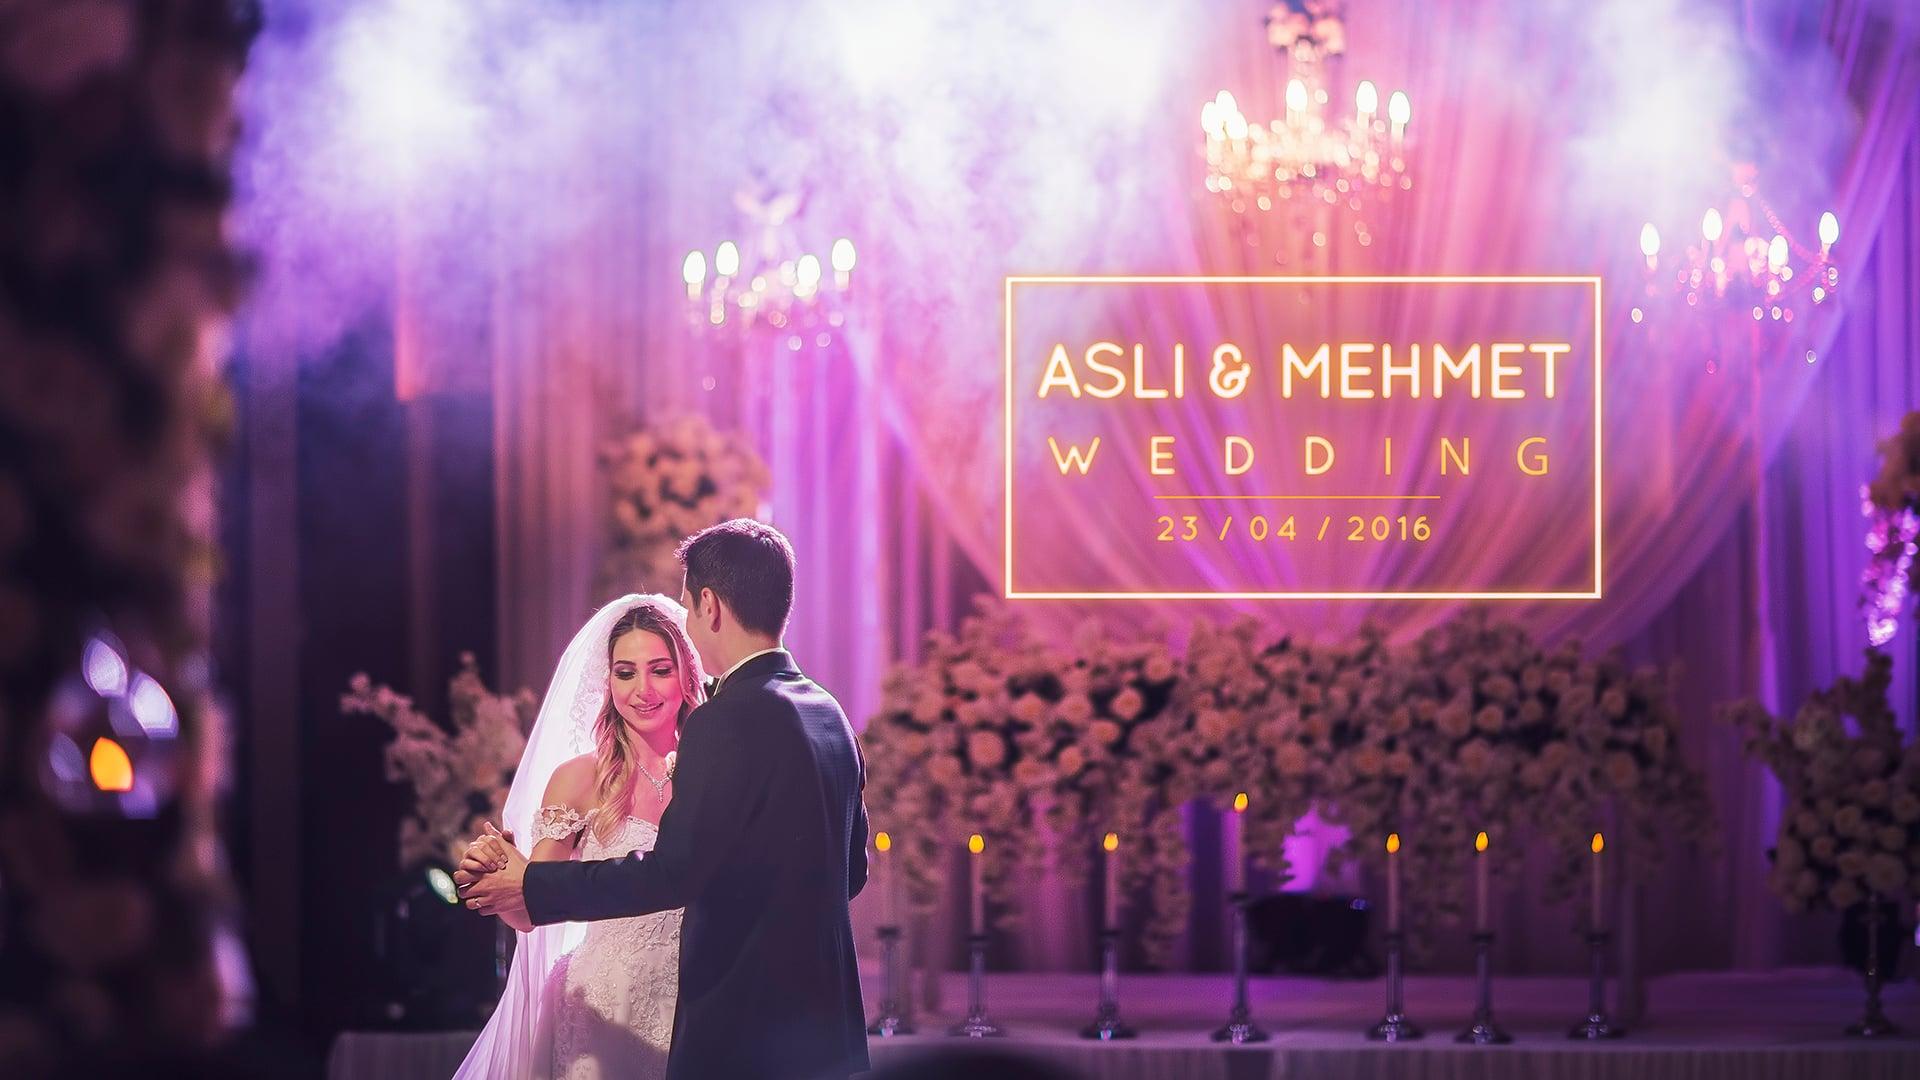 Aslı & Mehmet / Wedding Video by Fotoğraf Dükkanı